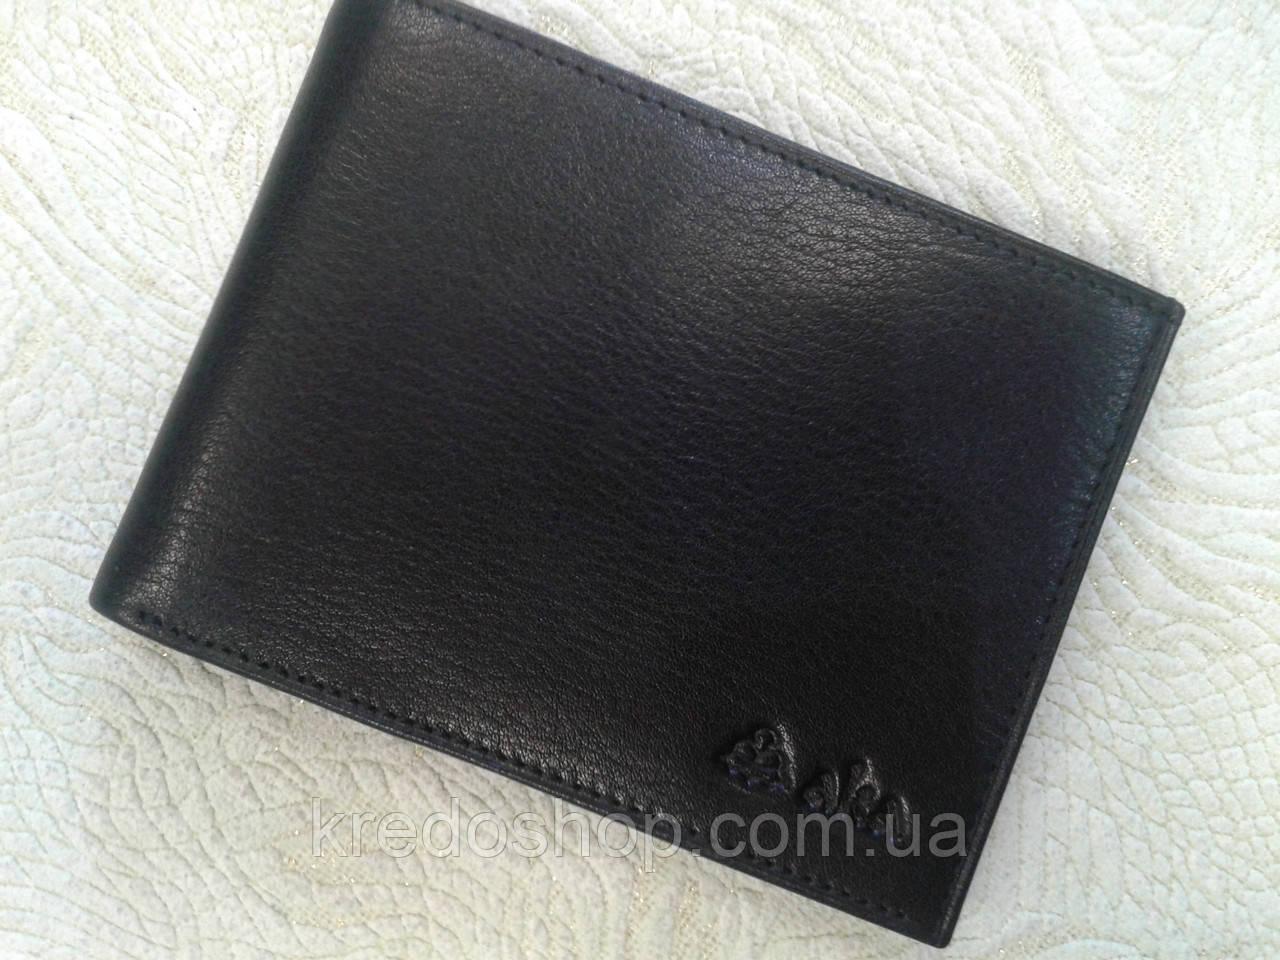 47f6d633683f Кожаный бумажник мужской черный AKA Deri(Турция) - Интернет-магазин сумок и  аксессуаров